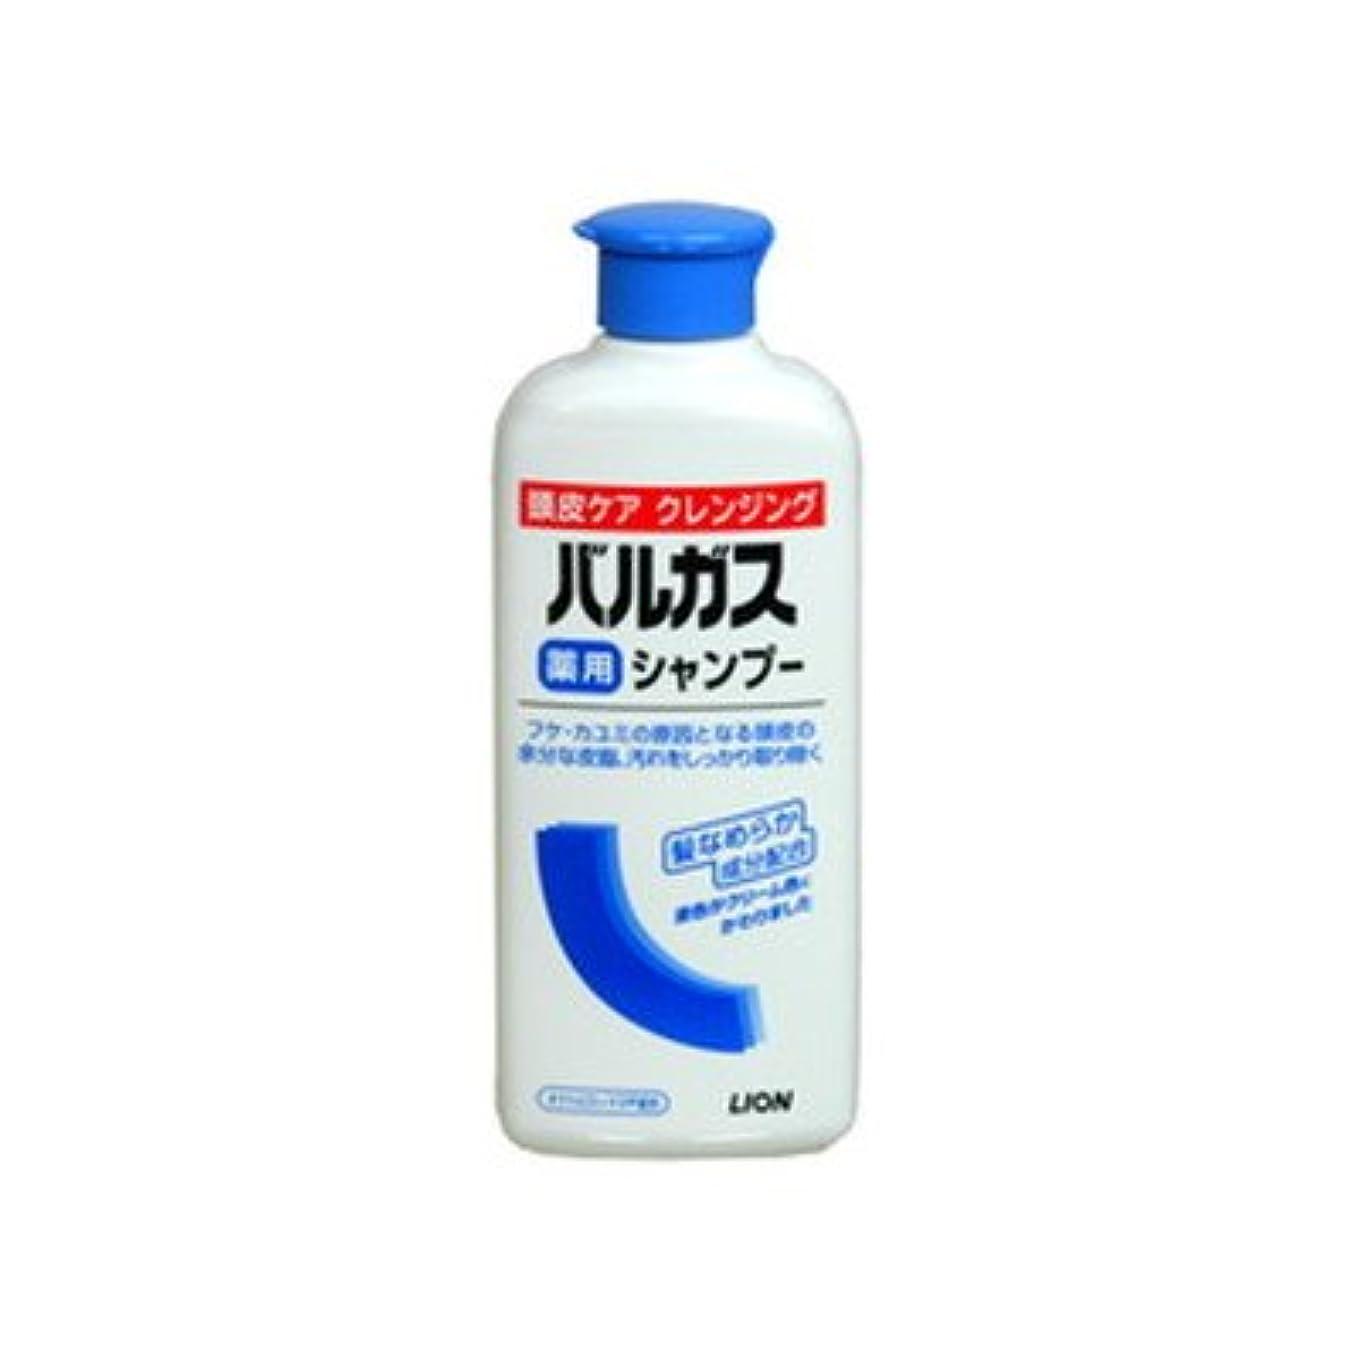 表面的なクラックまろやかな【医薬部外品】バルガス薬用シャンプー 200ML 【3個セット】